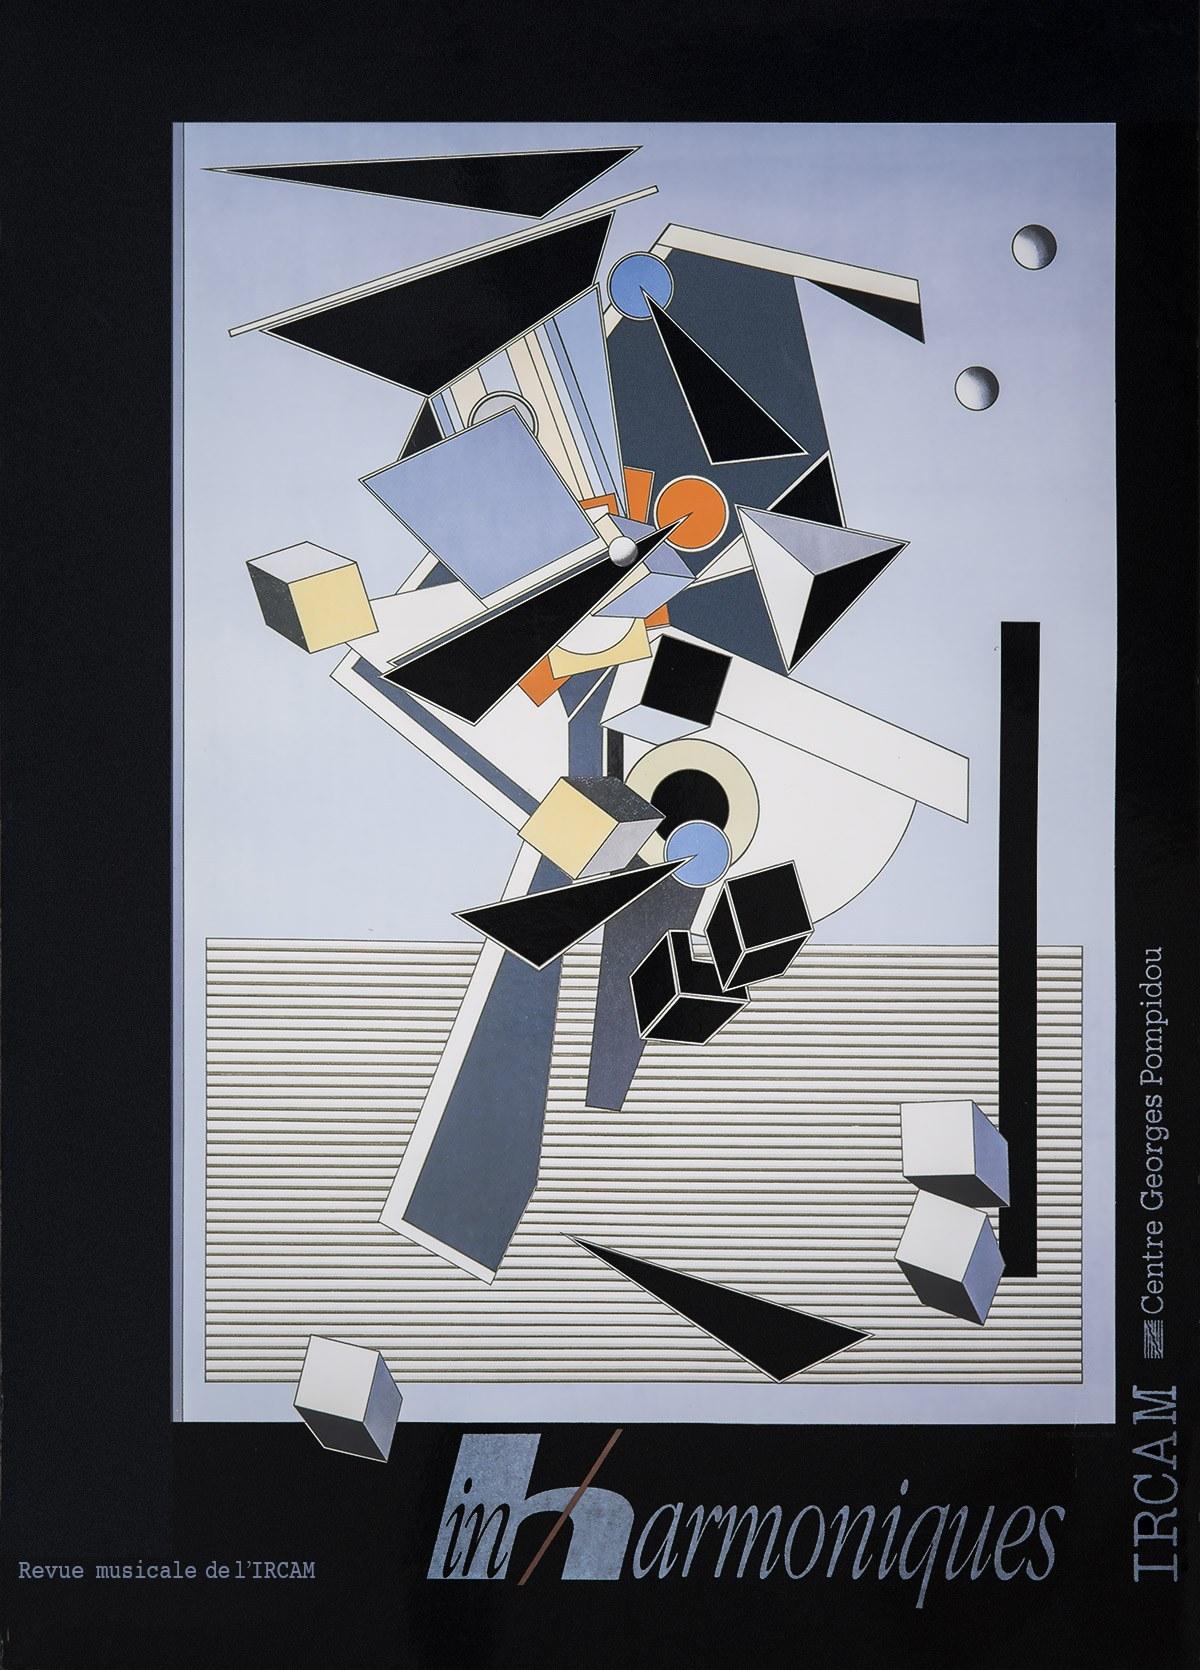 Affiche pour Inharmoniques n°7, IRCAM, 1991. Archives Le Yaouanc. Photo: Allen Le Yaouanc